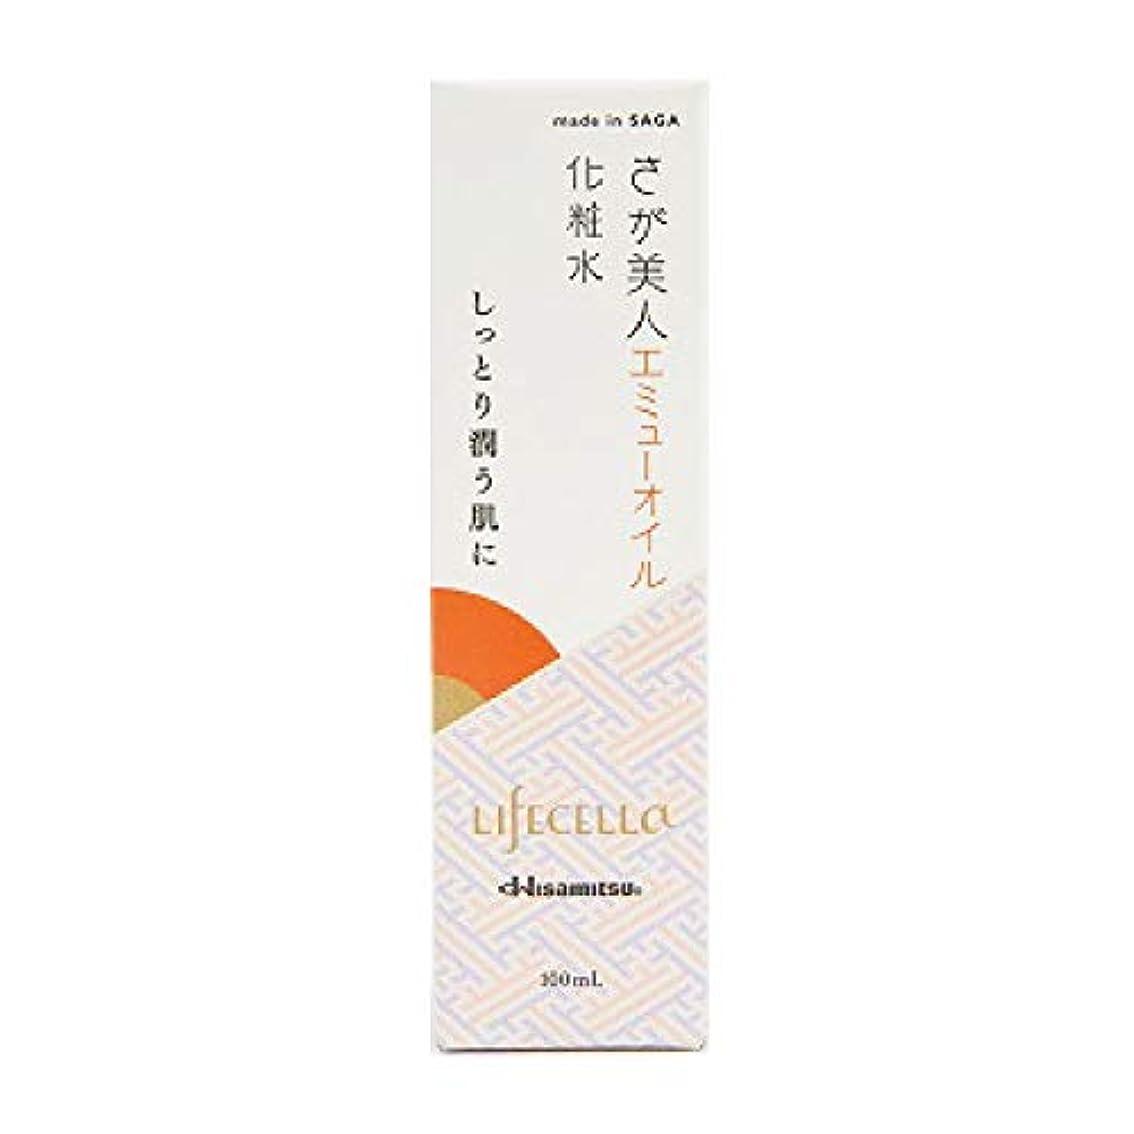 支援アーティファクトおとうさんさが美人 化粧水 (エミュー) 久光製薬 ご当地 コスメ 保湿